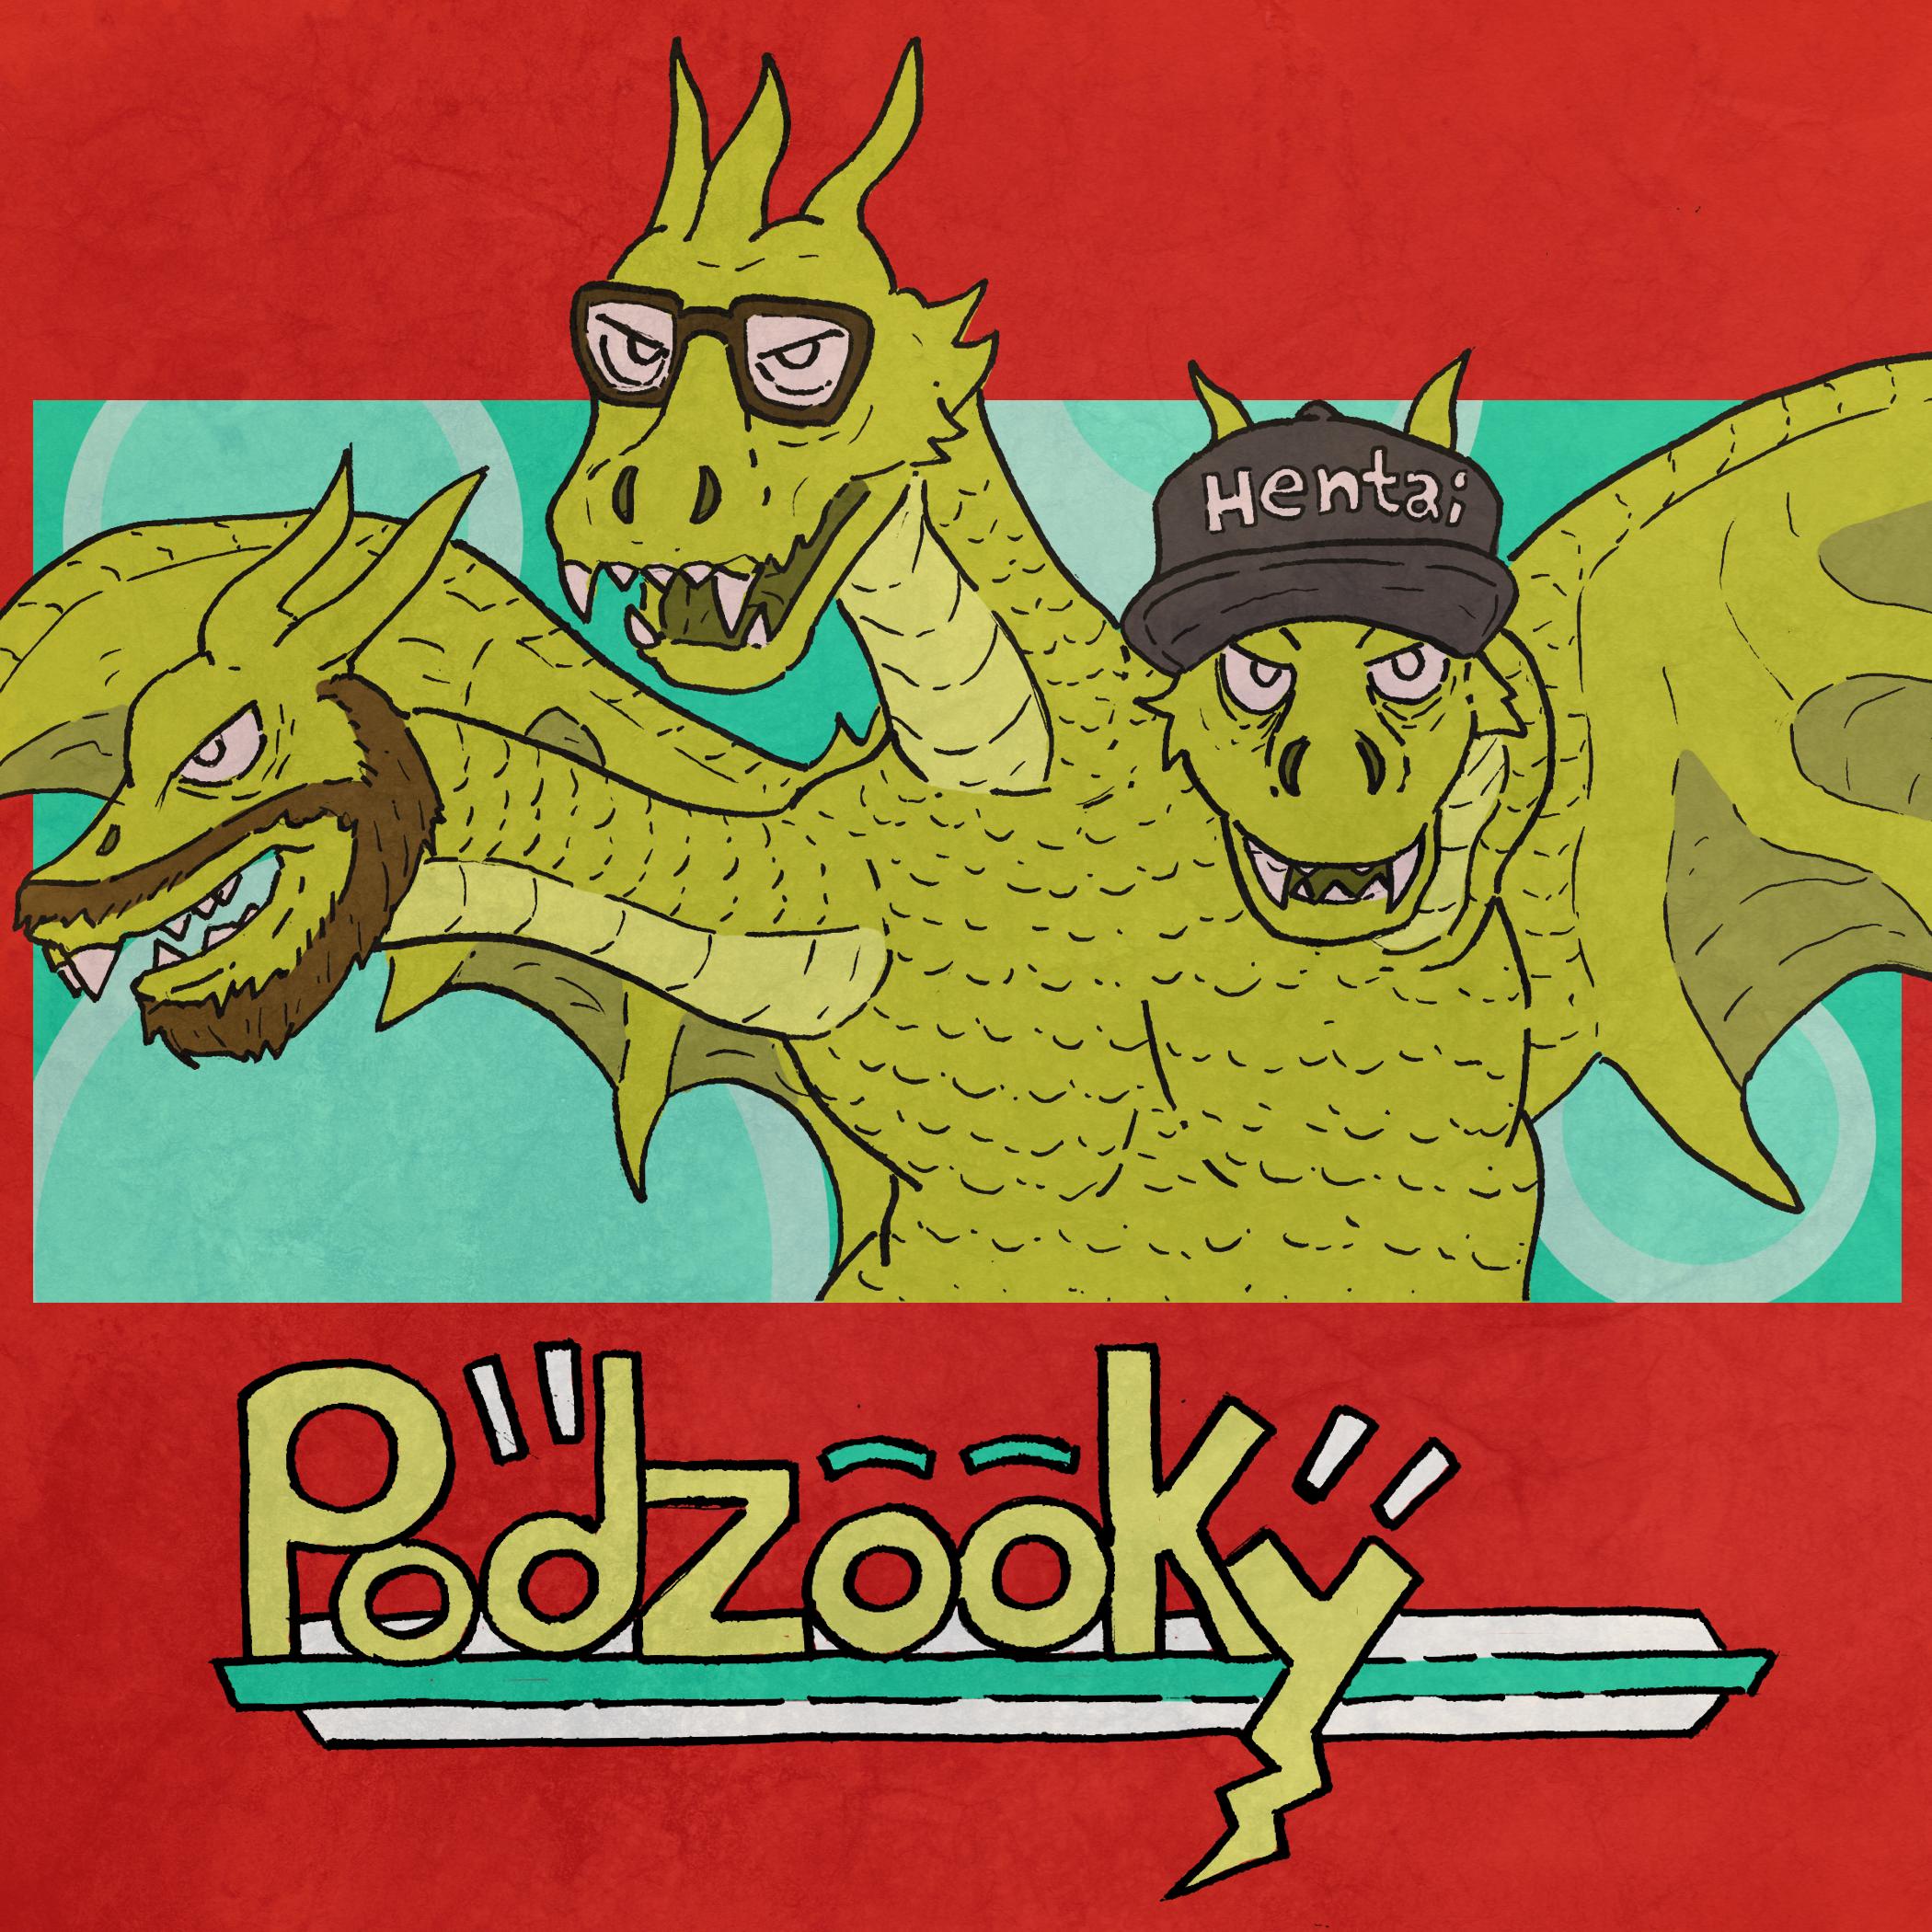 Zima — Podzooky